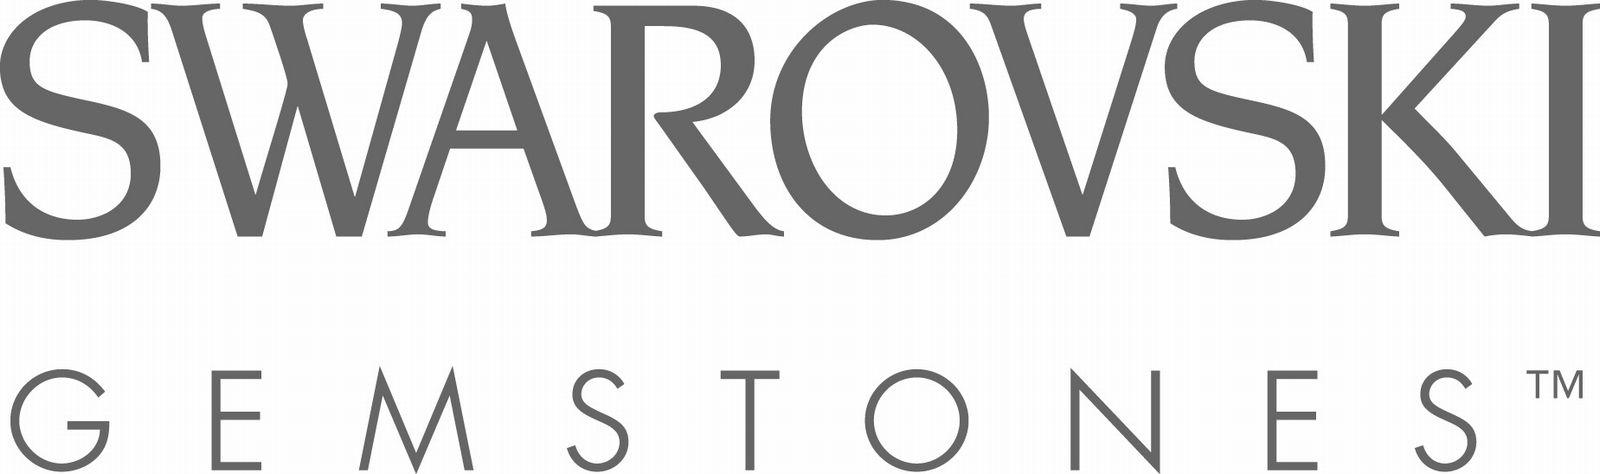 swarovski_logo_new.jpg